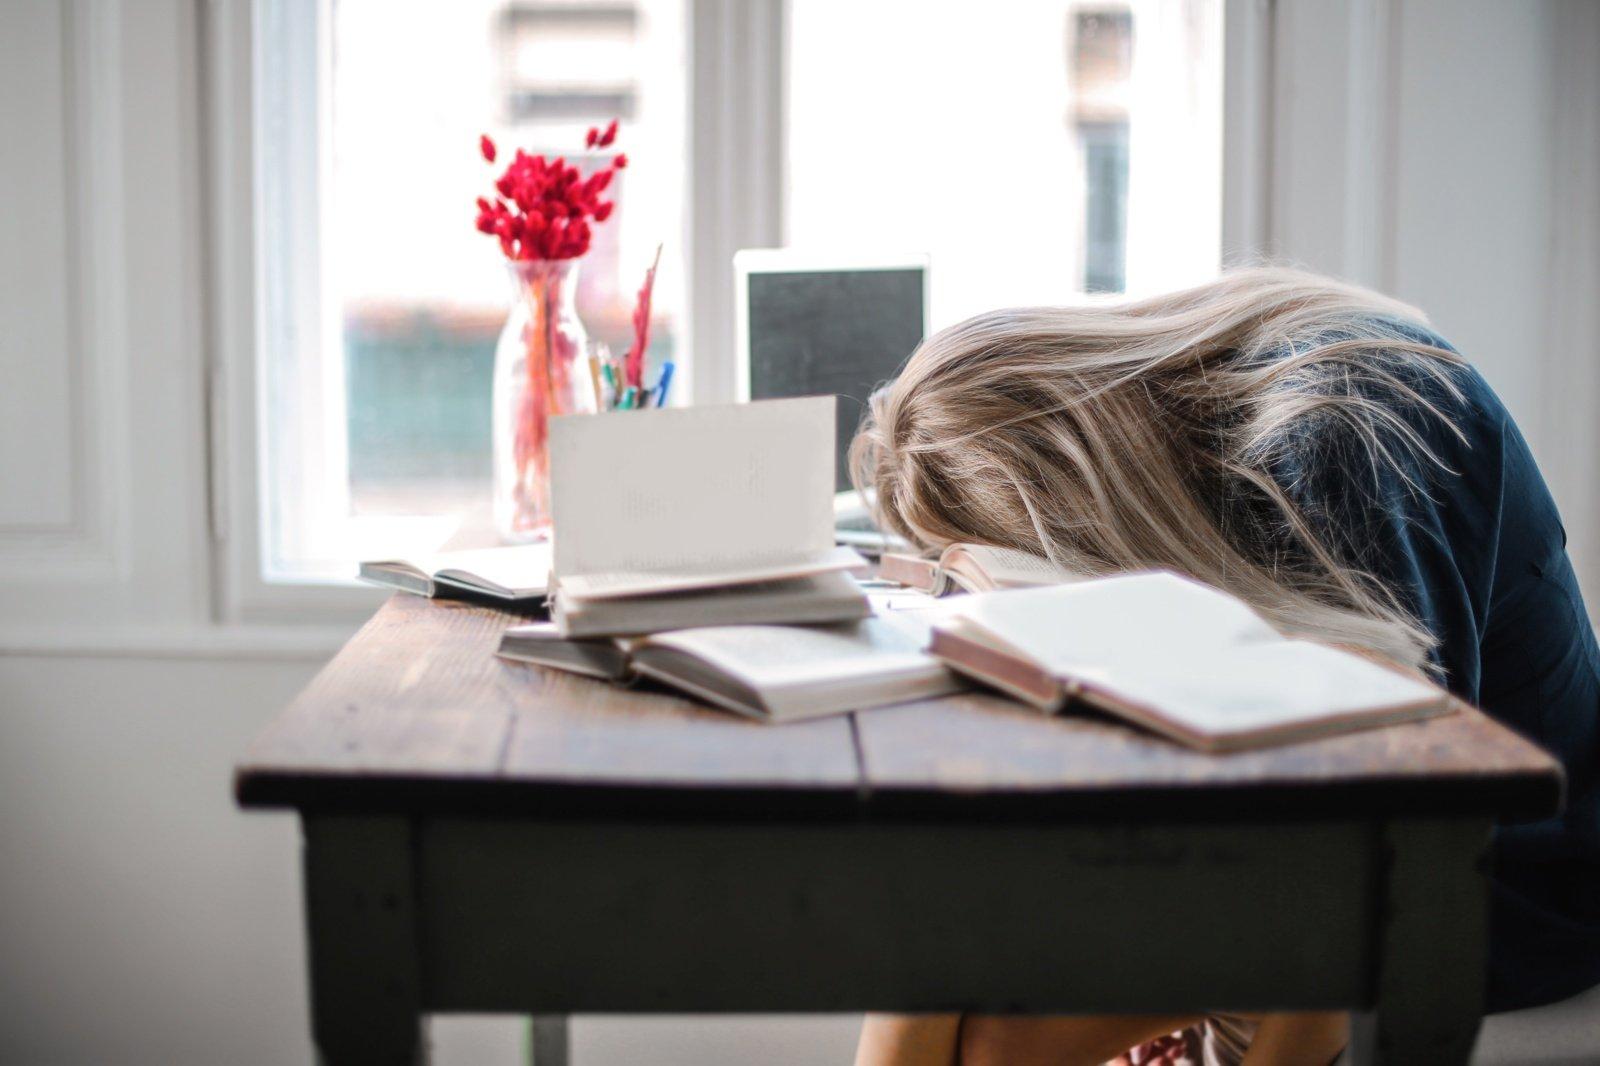 Kankina nuolatinis nuovargis? 8 būdai įsikrauti energijos